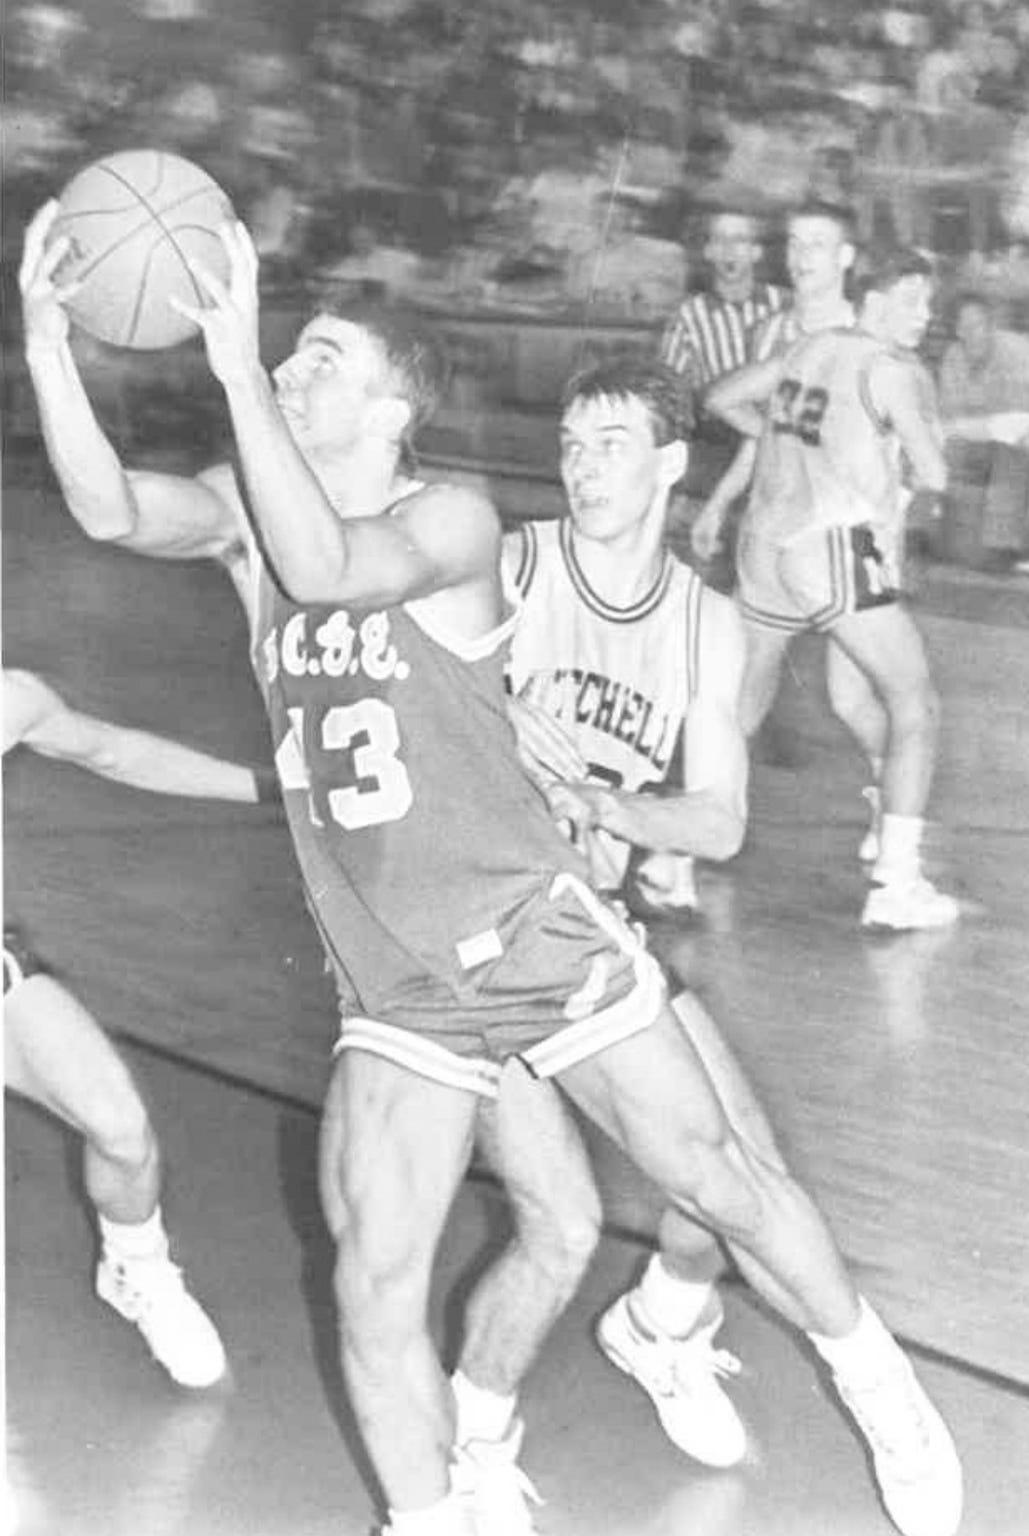 1990: Eric Kline